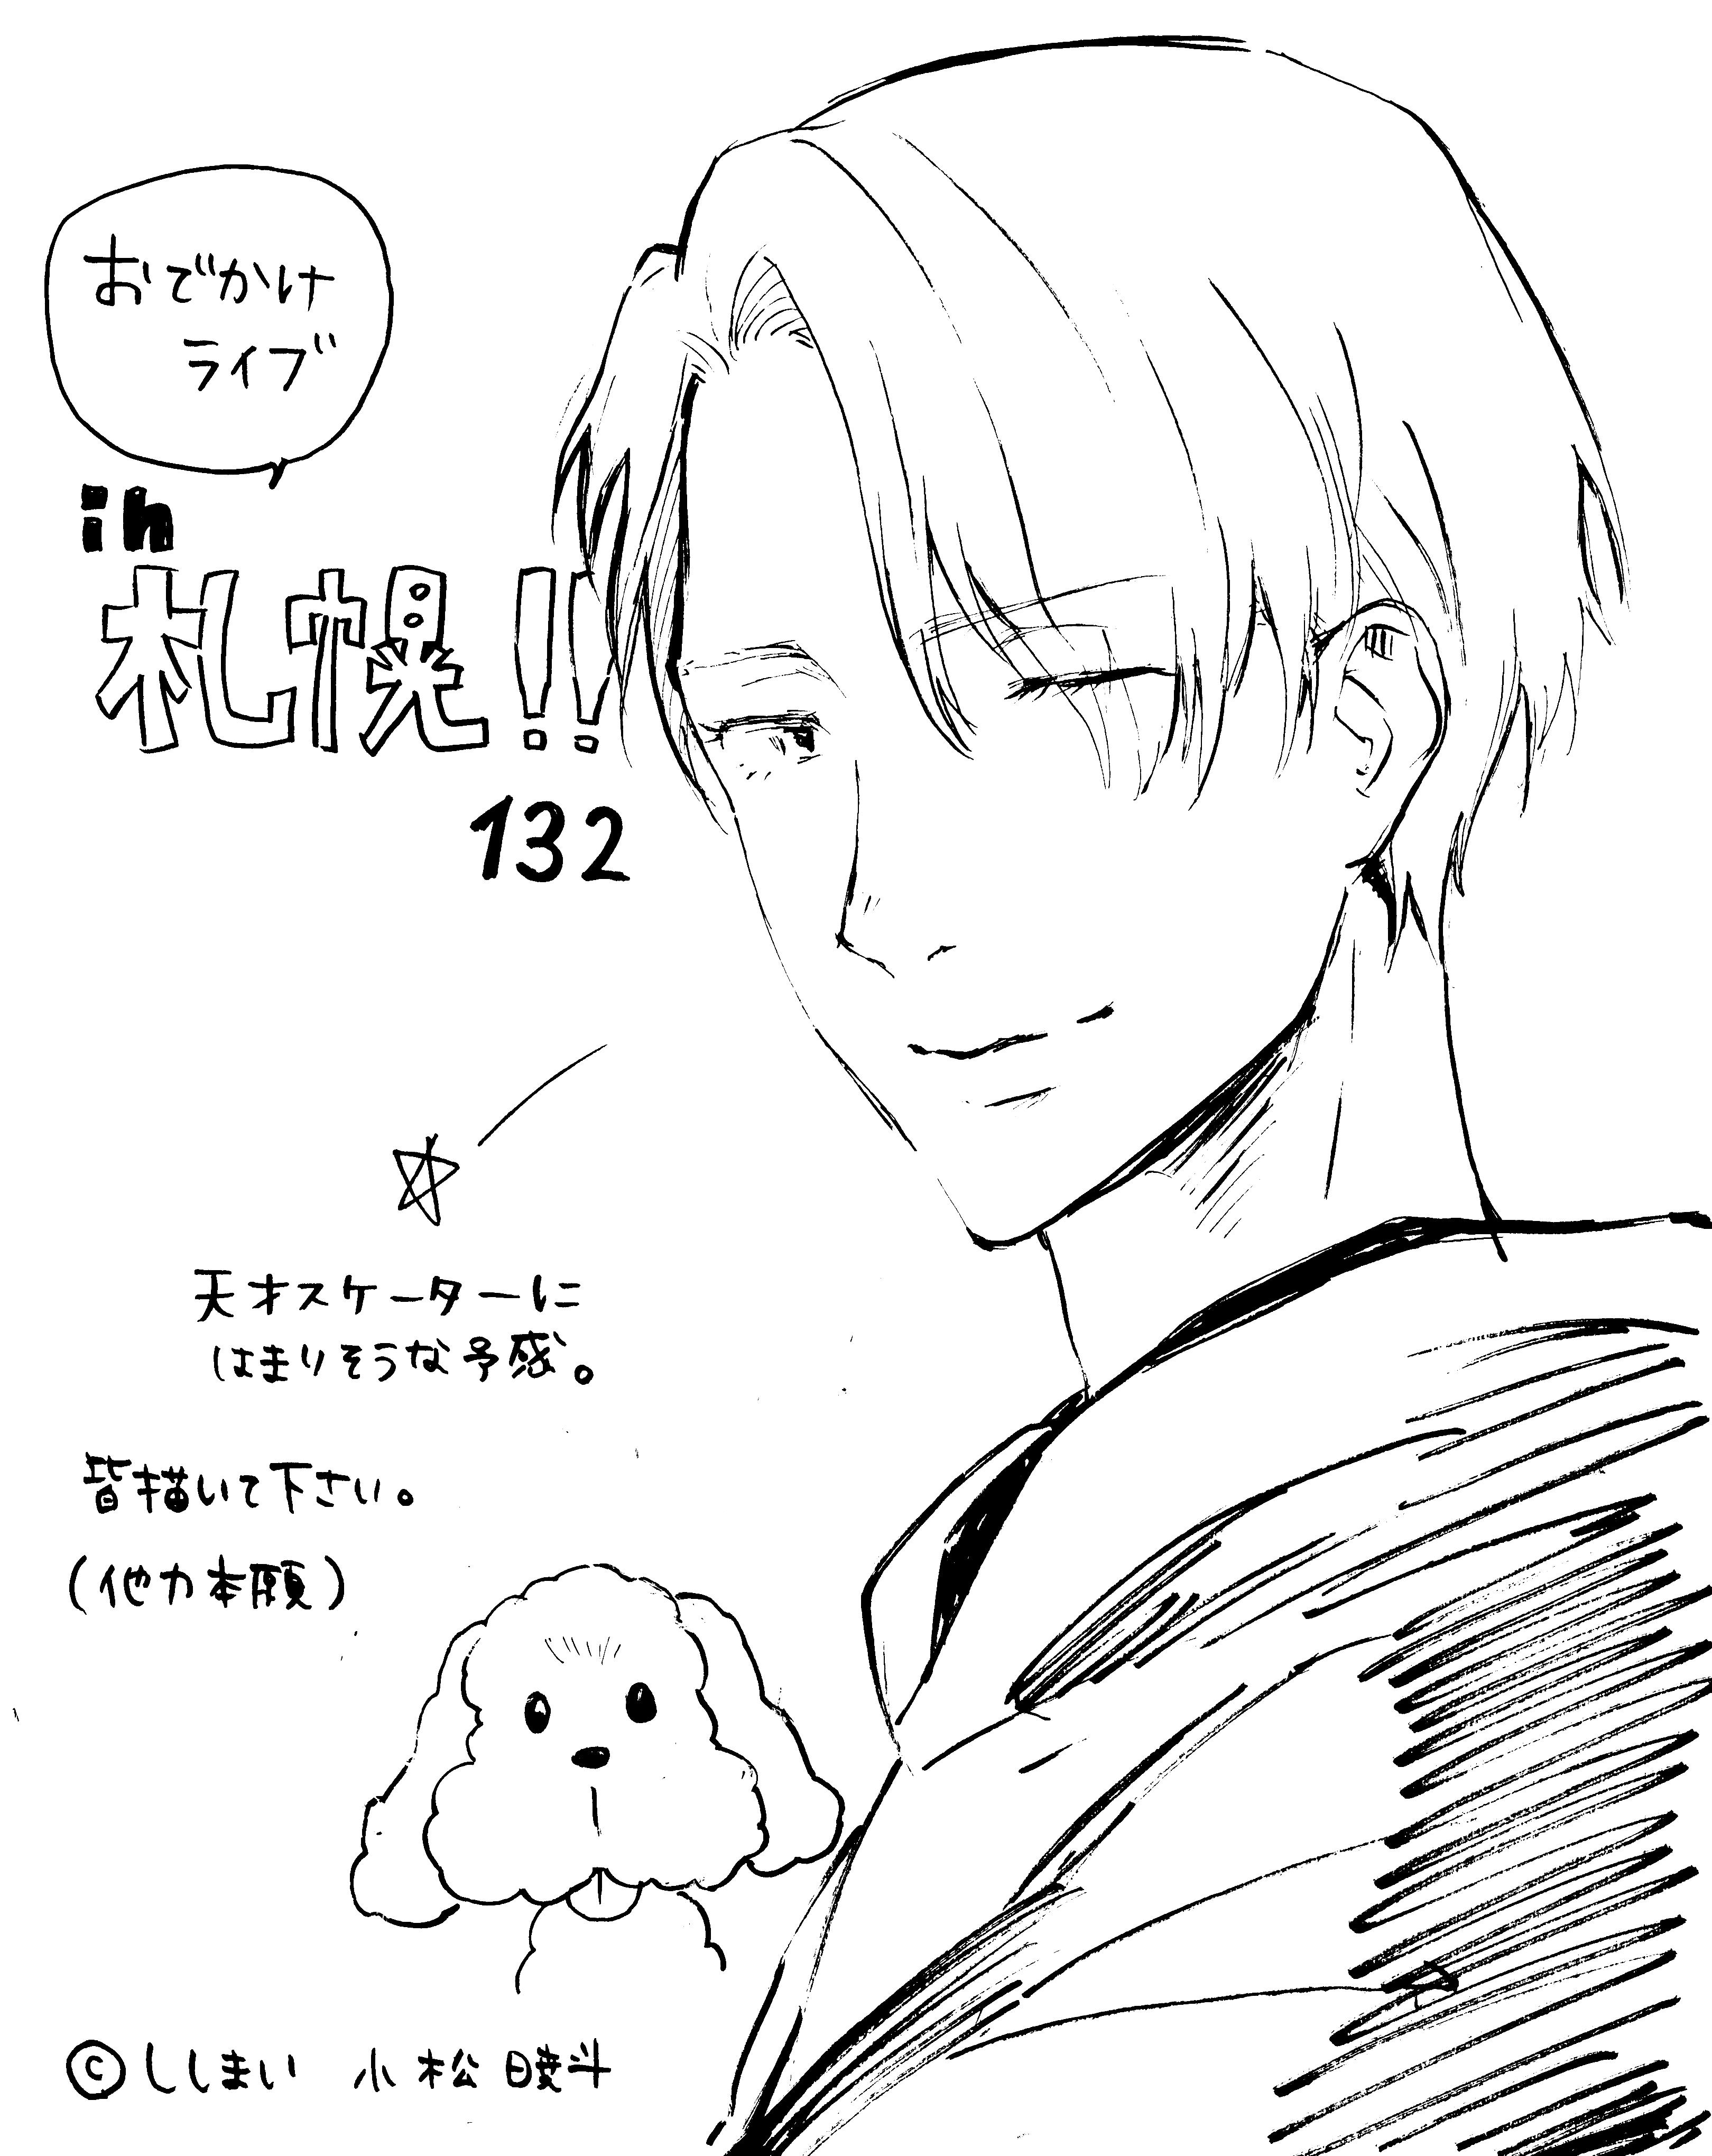 0218-19札幌らくがき482